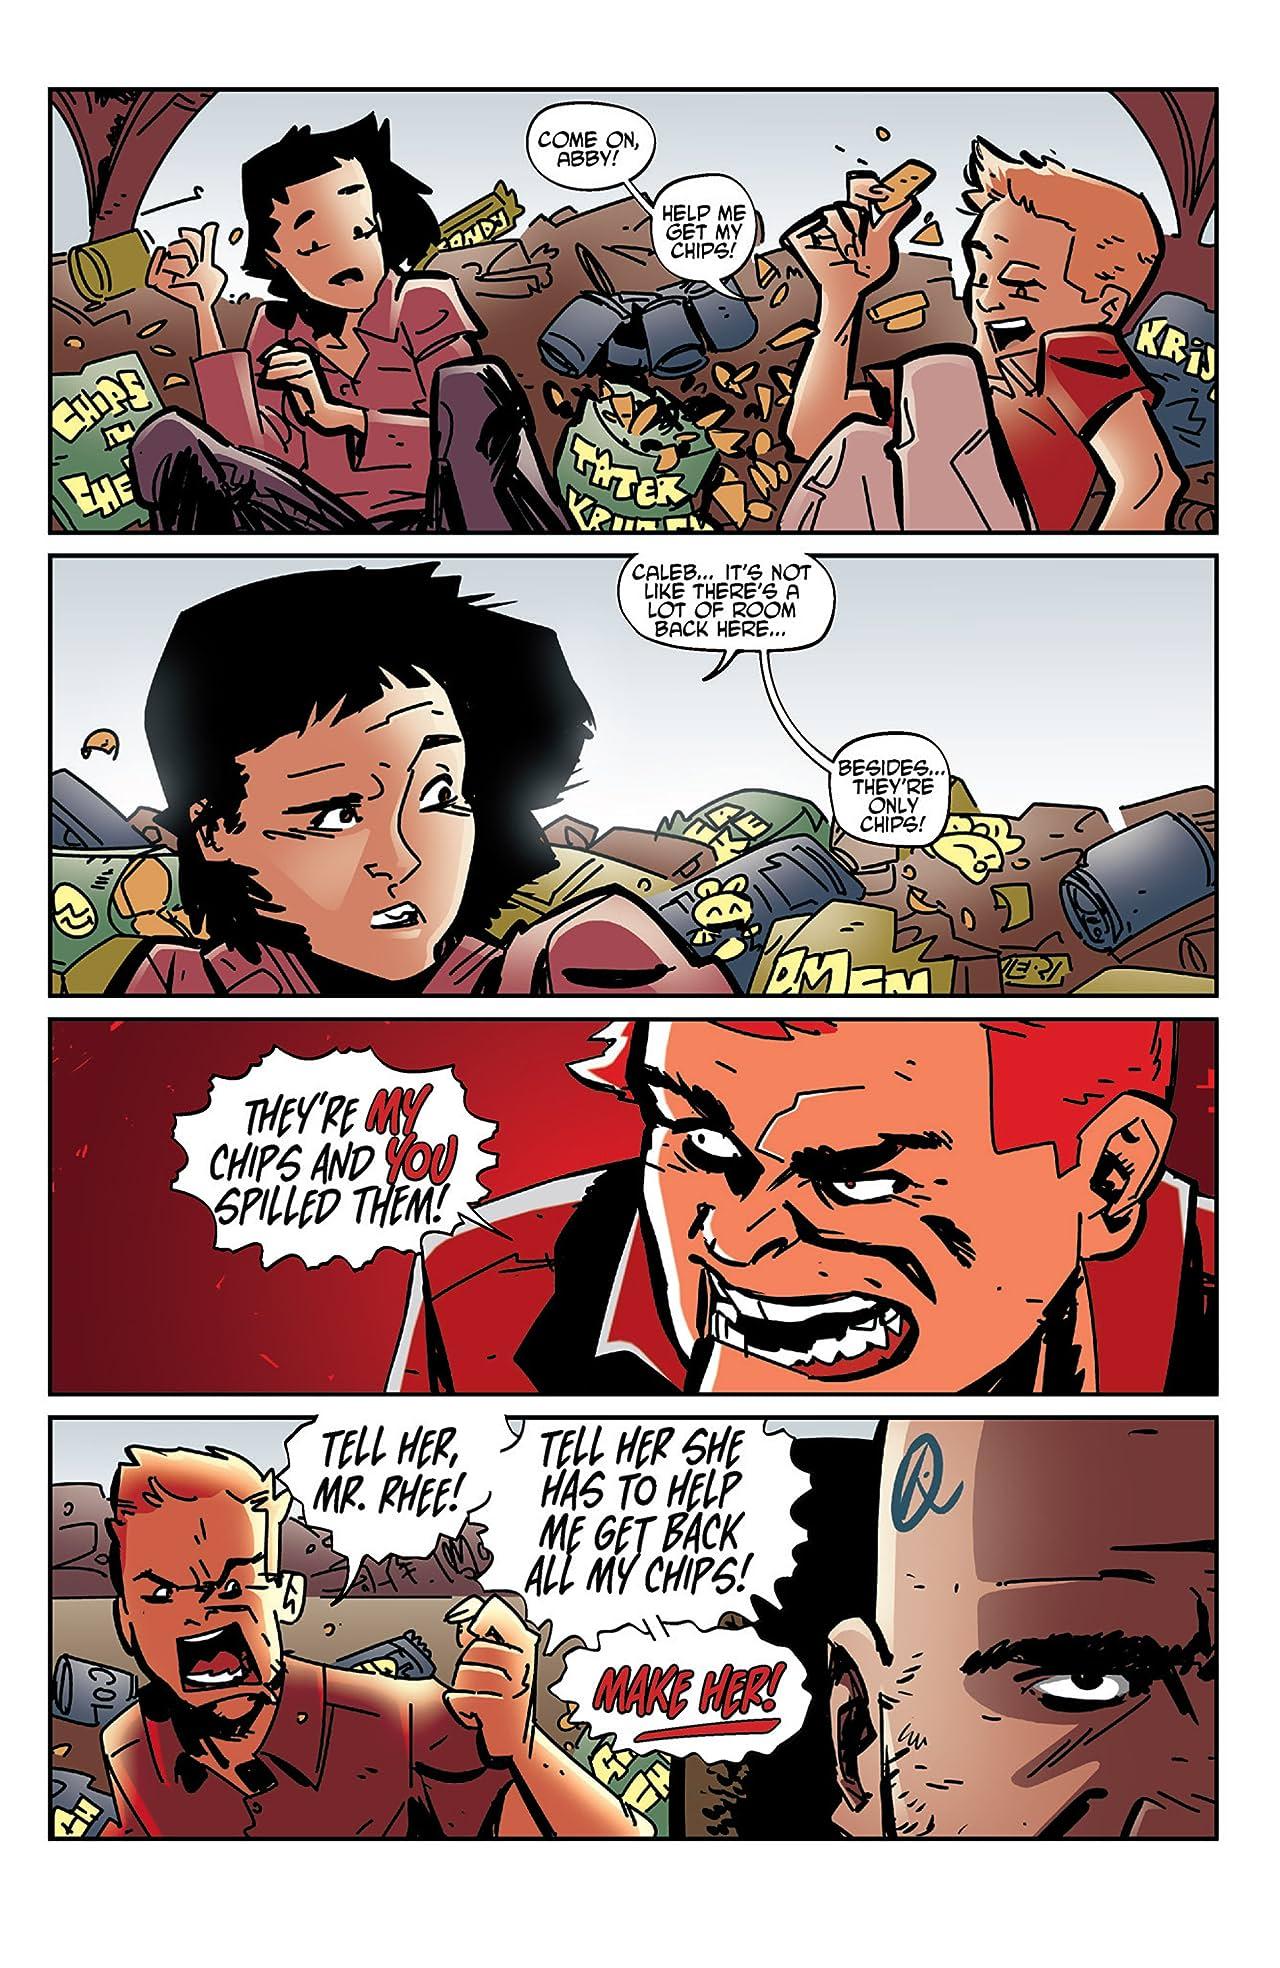 Tales of Mr. Rhee Vol. 2: Karmageddon #4 (of 4)